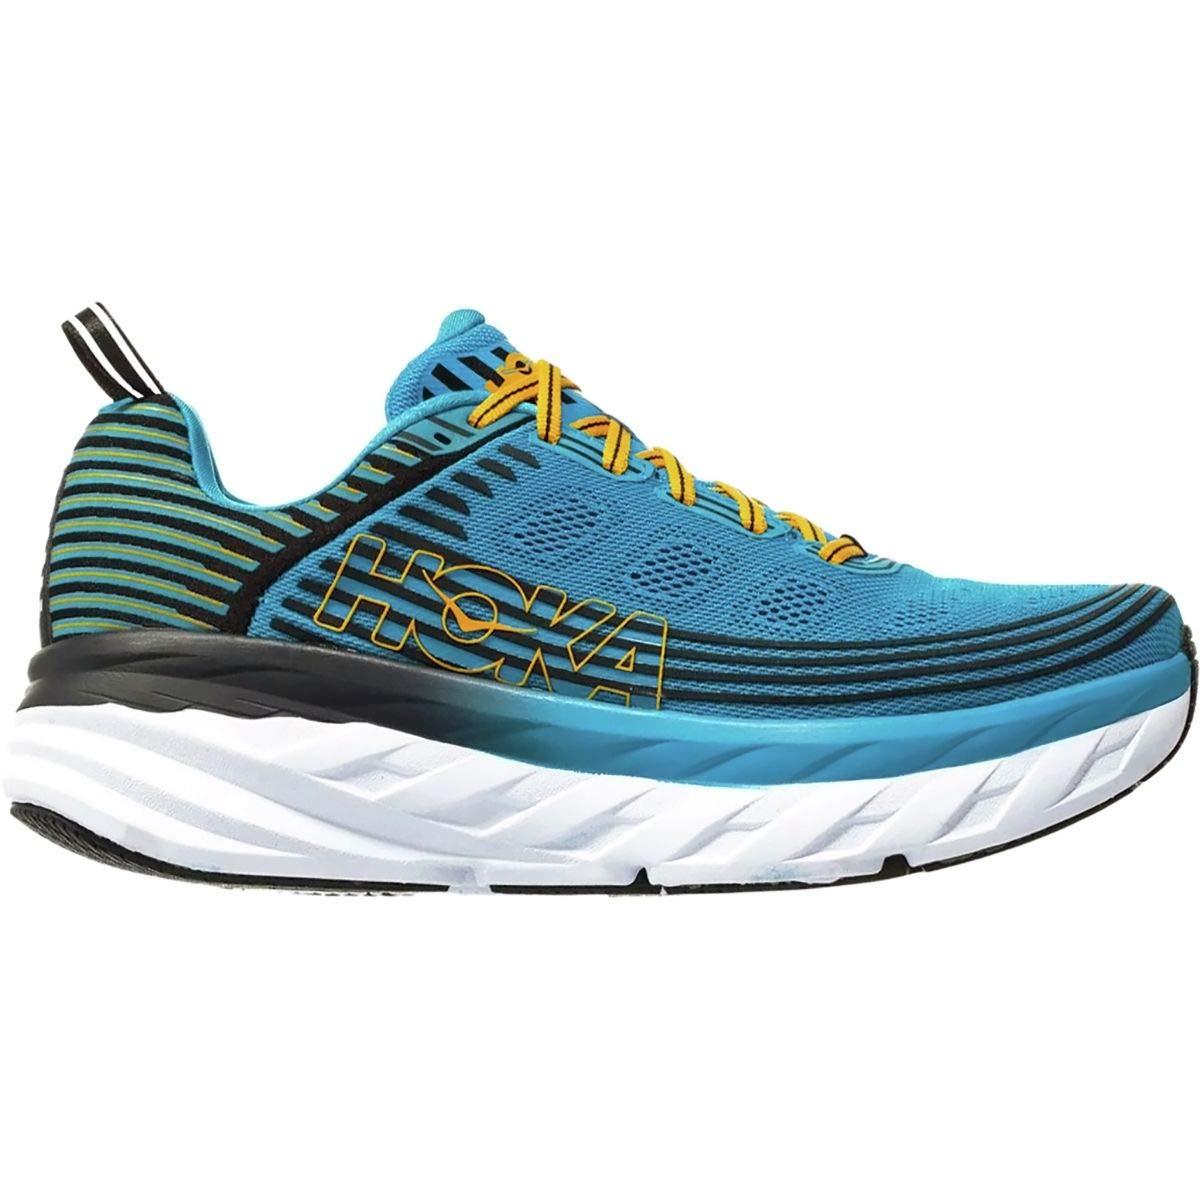 人気提案 [ホッカオネオネ] メンズ [並行輸入品] メンズ ランニング Bondi 6 Running Shoe [並行輸入品] 9.5 B07NZLY2KF 9.5, BloomBroome:3f11768d --- advertdigitalmantra.com